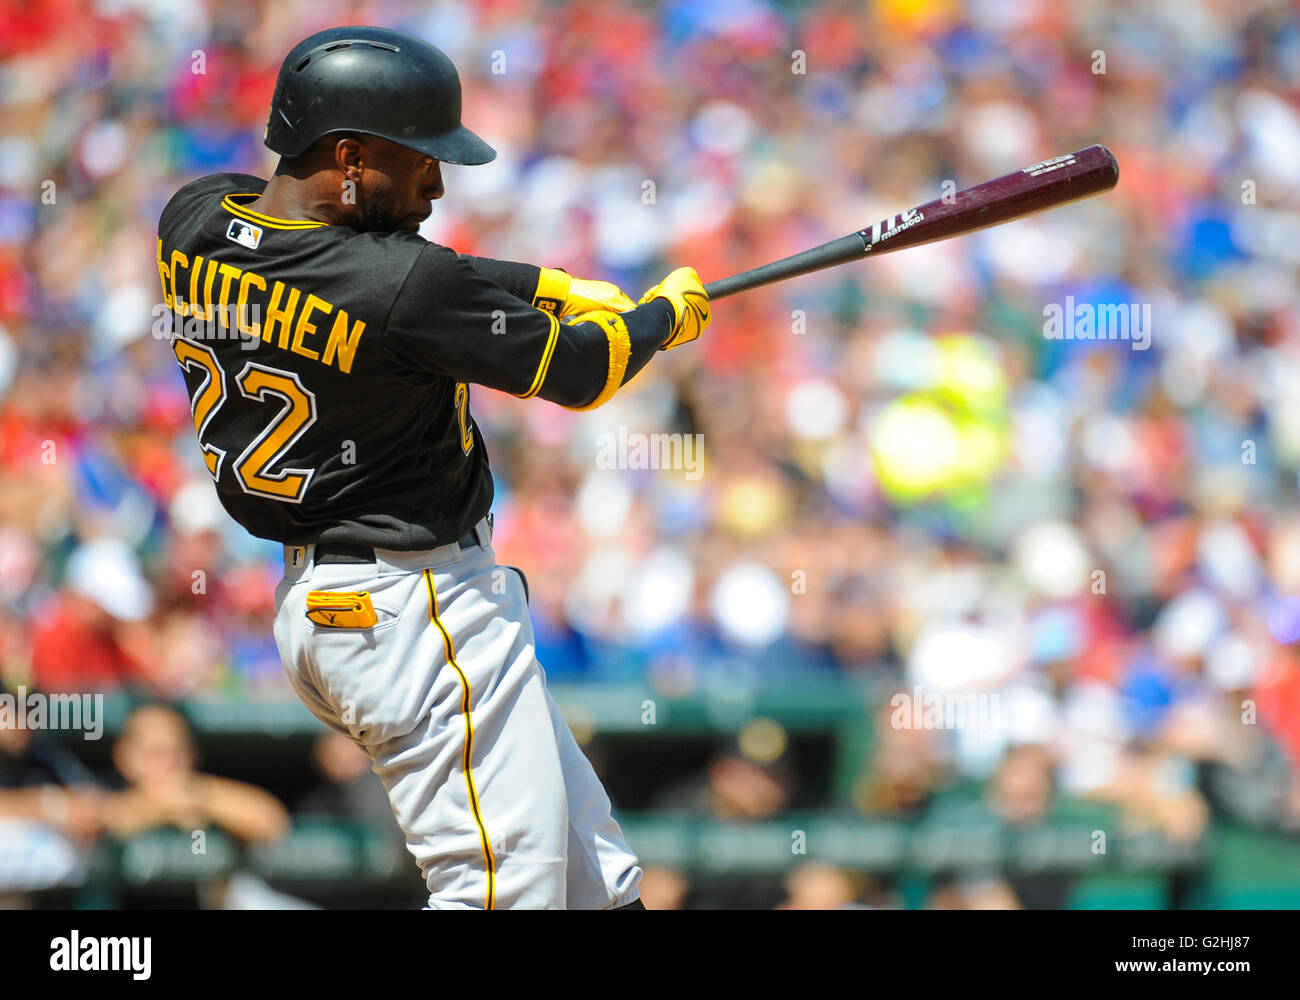 29 maggio 2016: Pittsburgh Pirates center fielder Andrew McCutchen #22 durante una partita MLB tra i pirati di Pittsburgh Immagini Stock